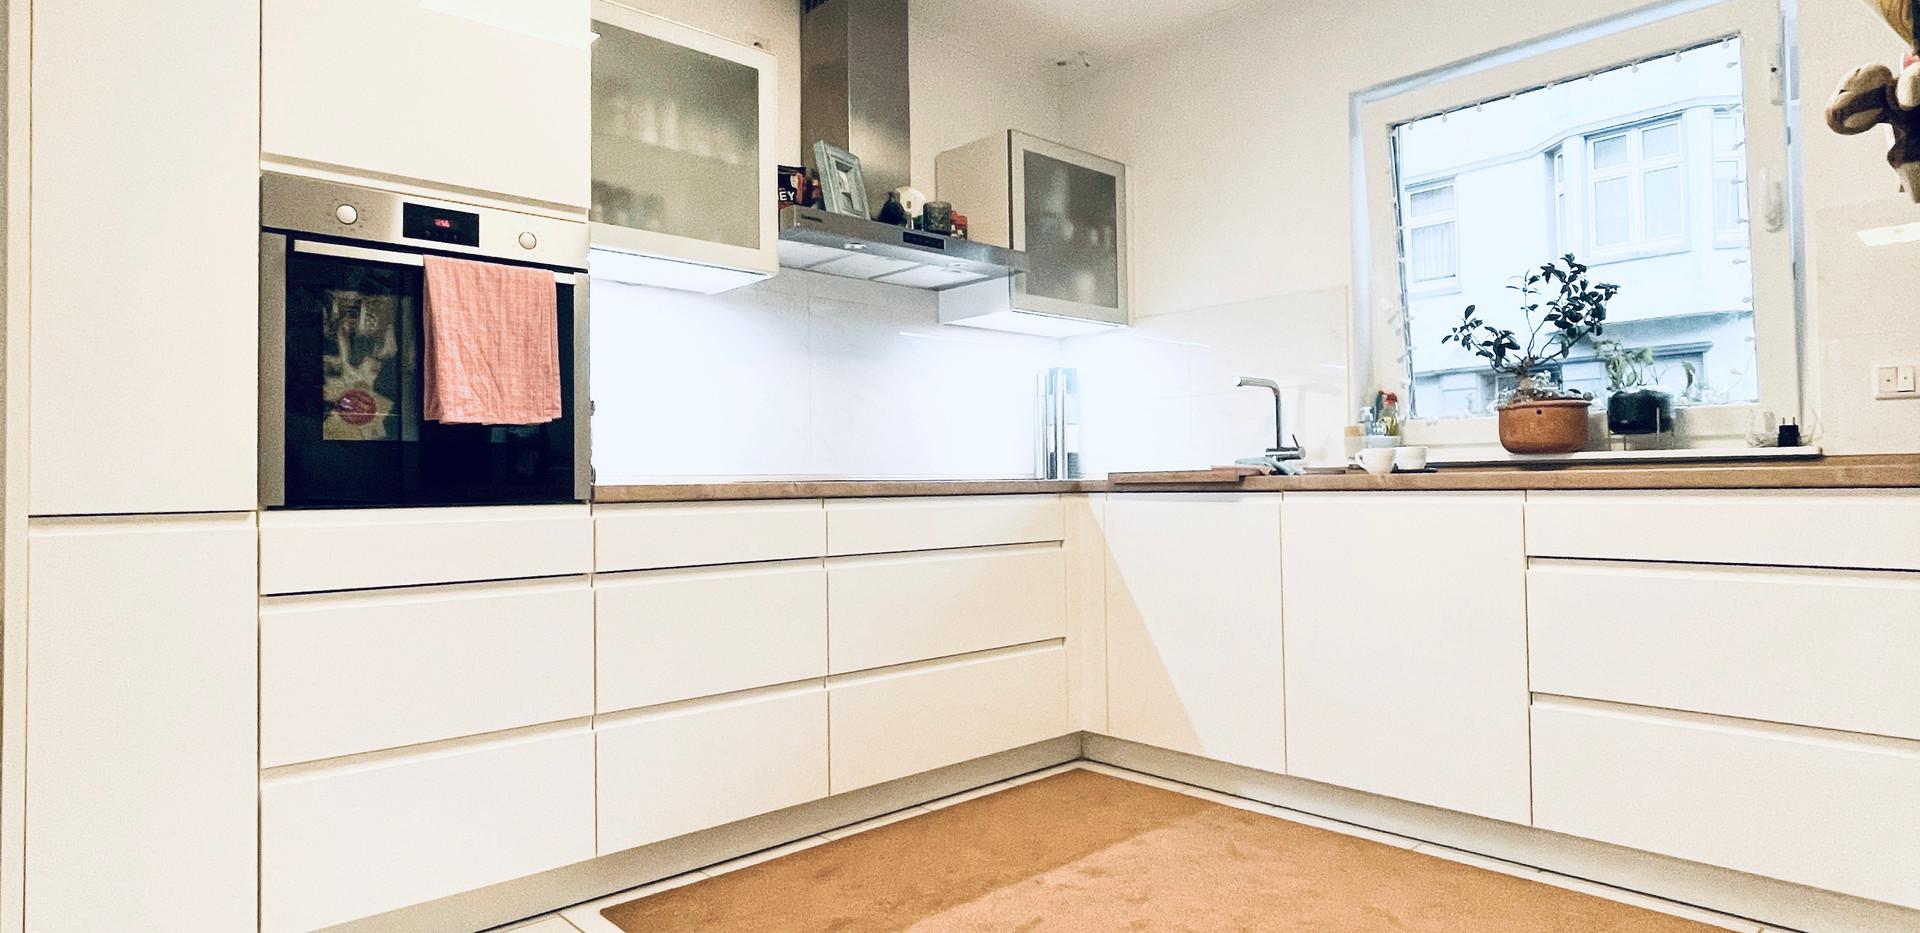 Küche inkl. Einbauküche von Nolte